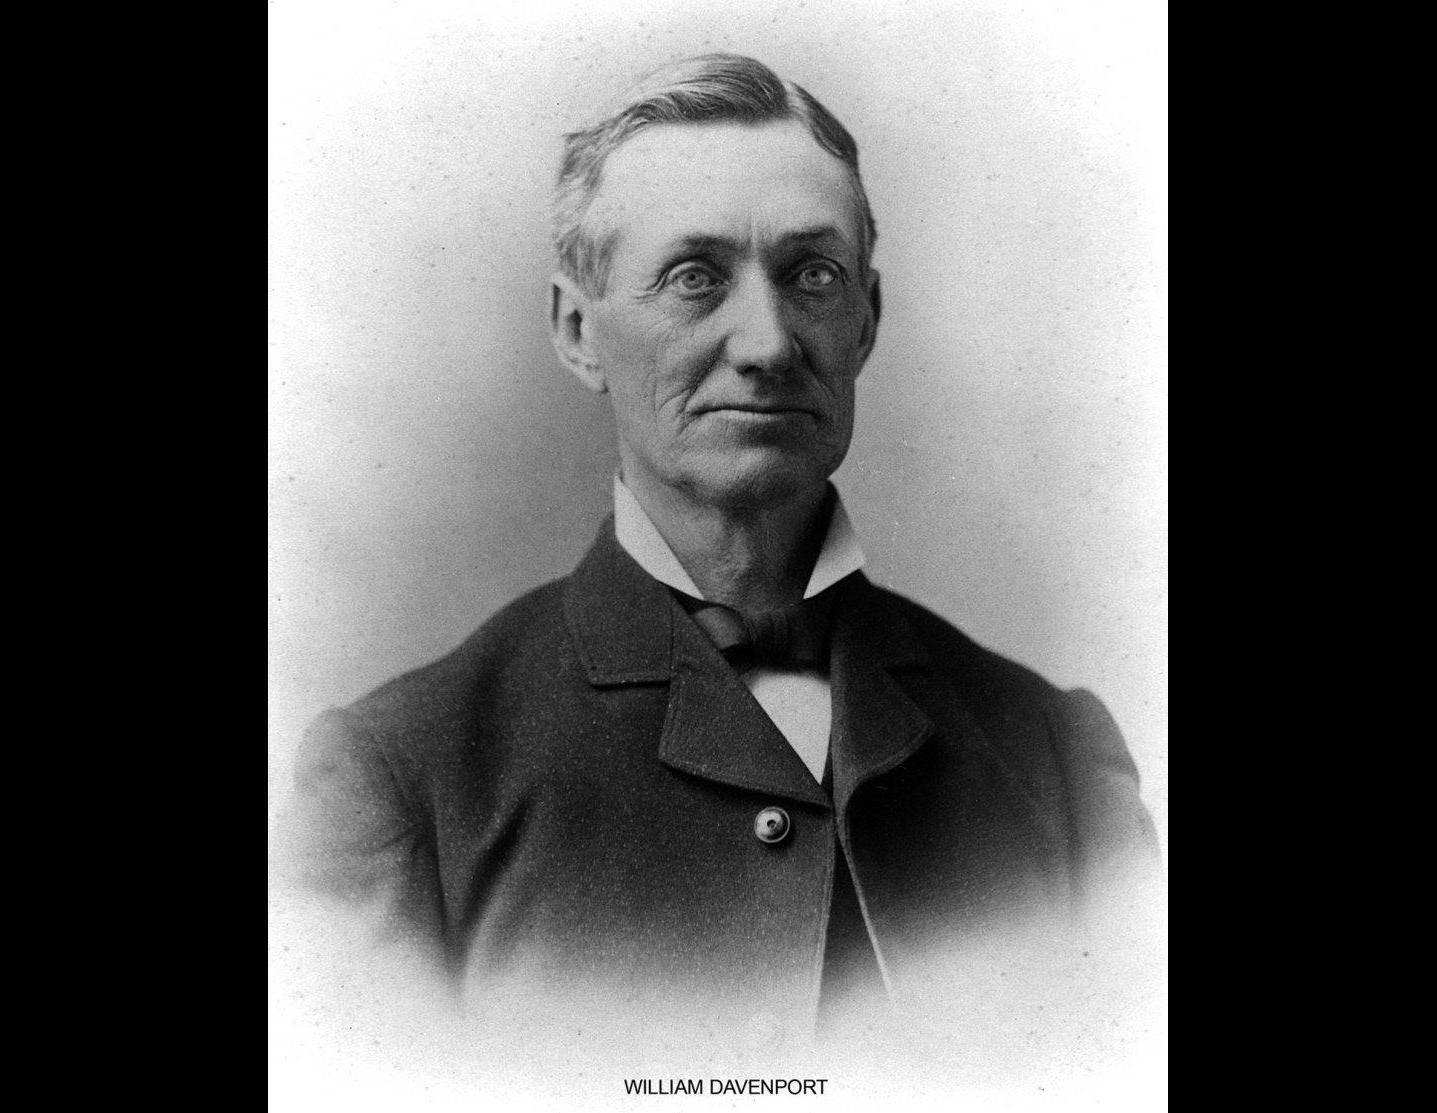 William H. Davenport